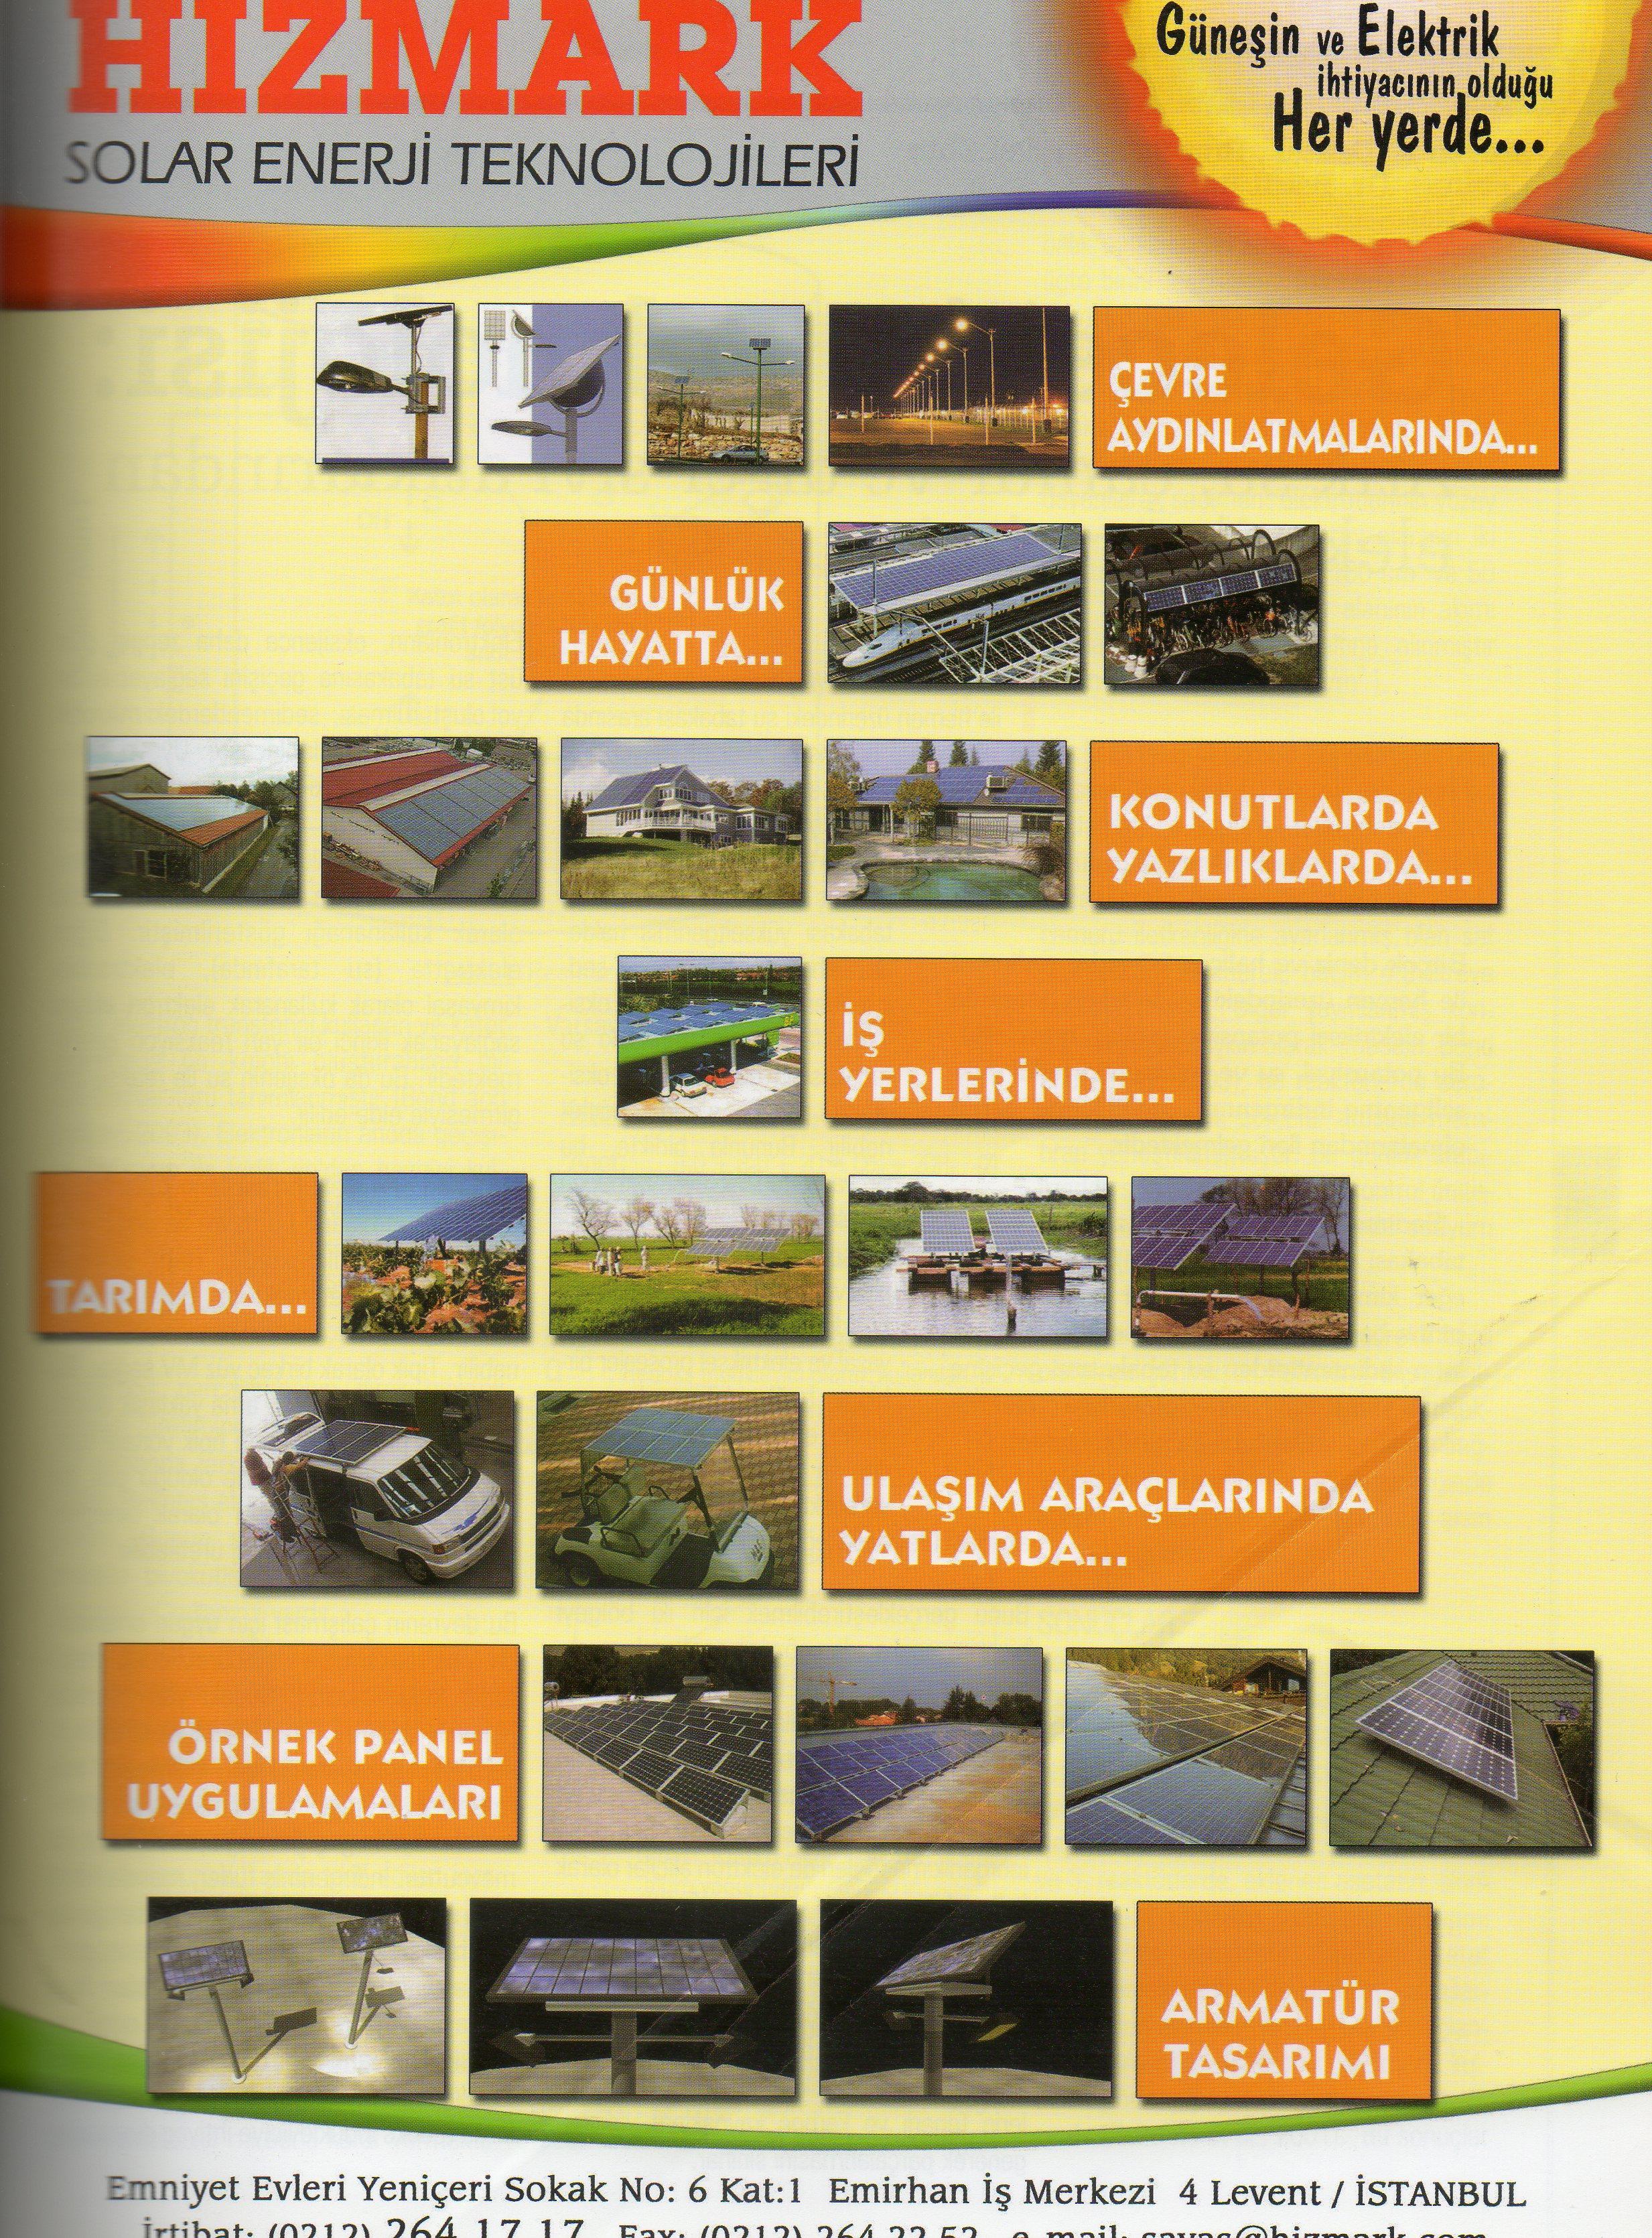 Hizmark Solar Enerji Sistemleri